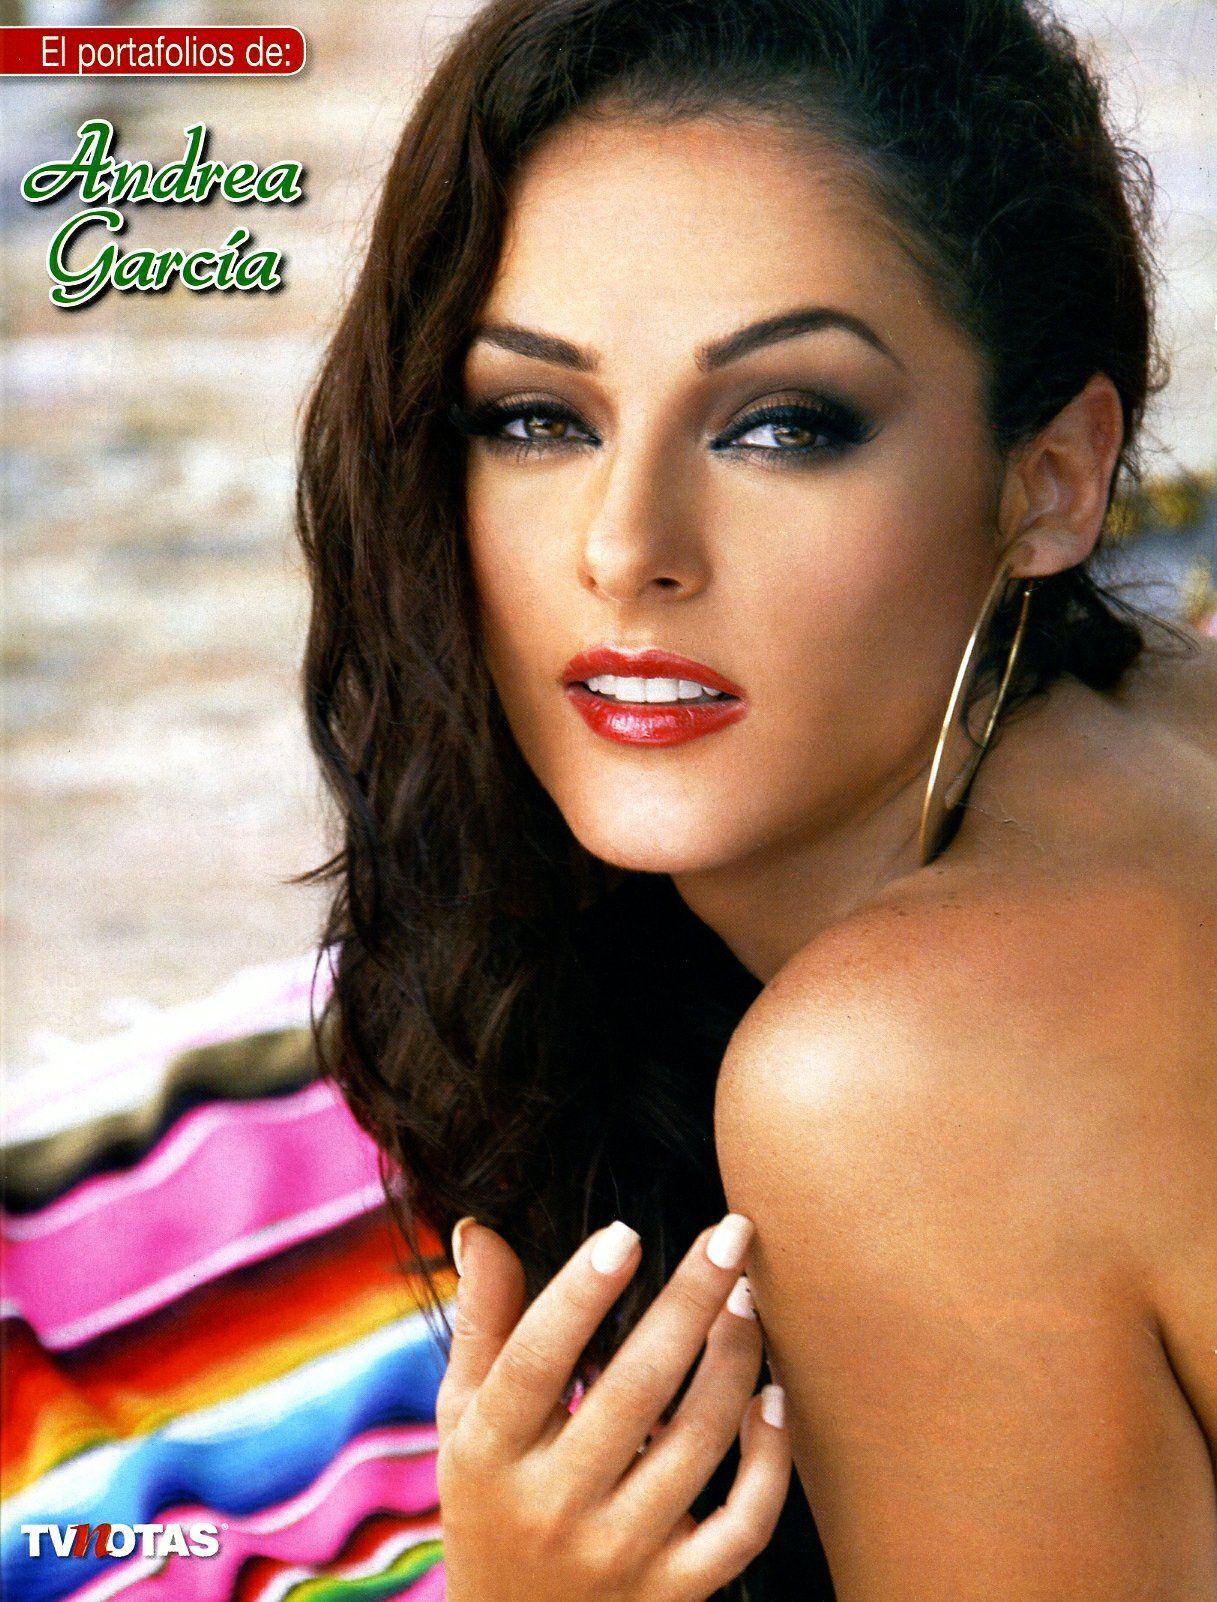 Andrea Garcia Play 26 mejores imágenes de andrea | actrices, famosos y playboy